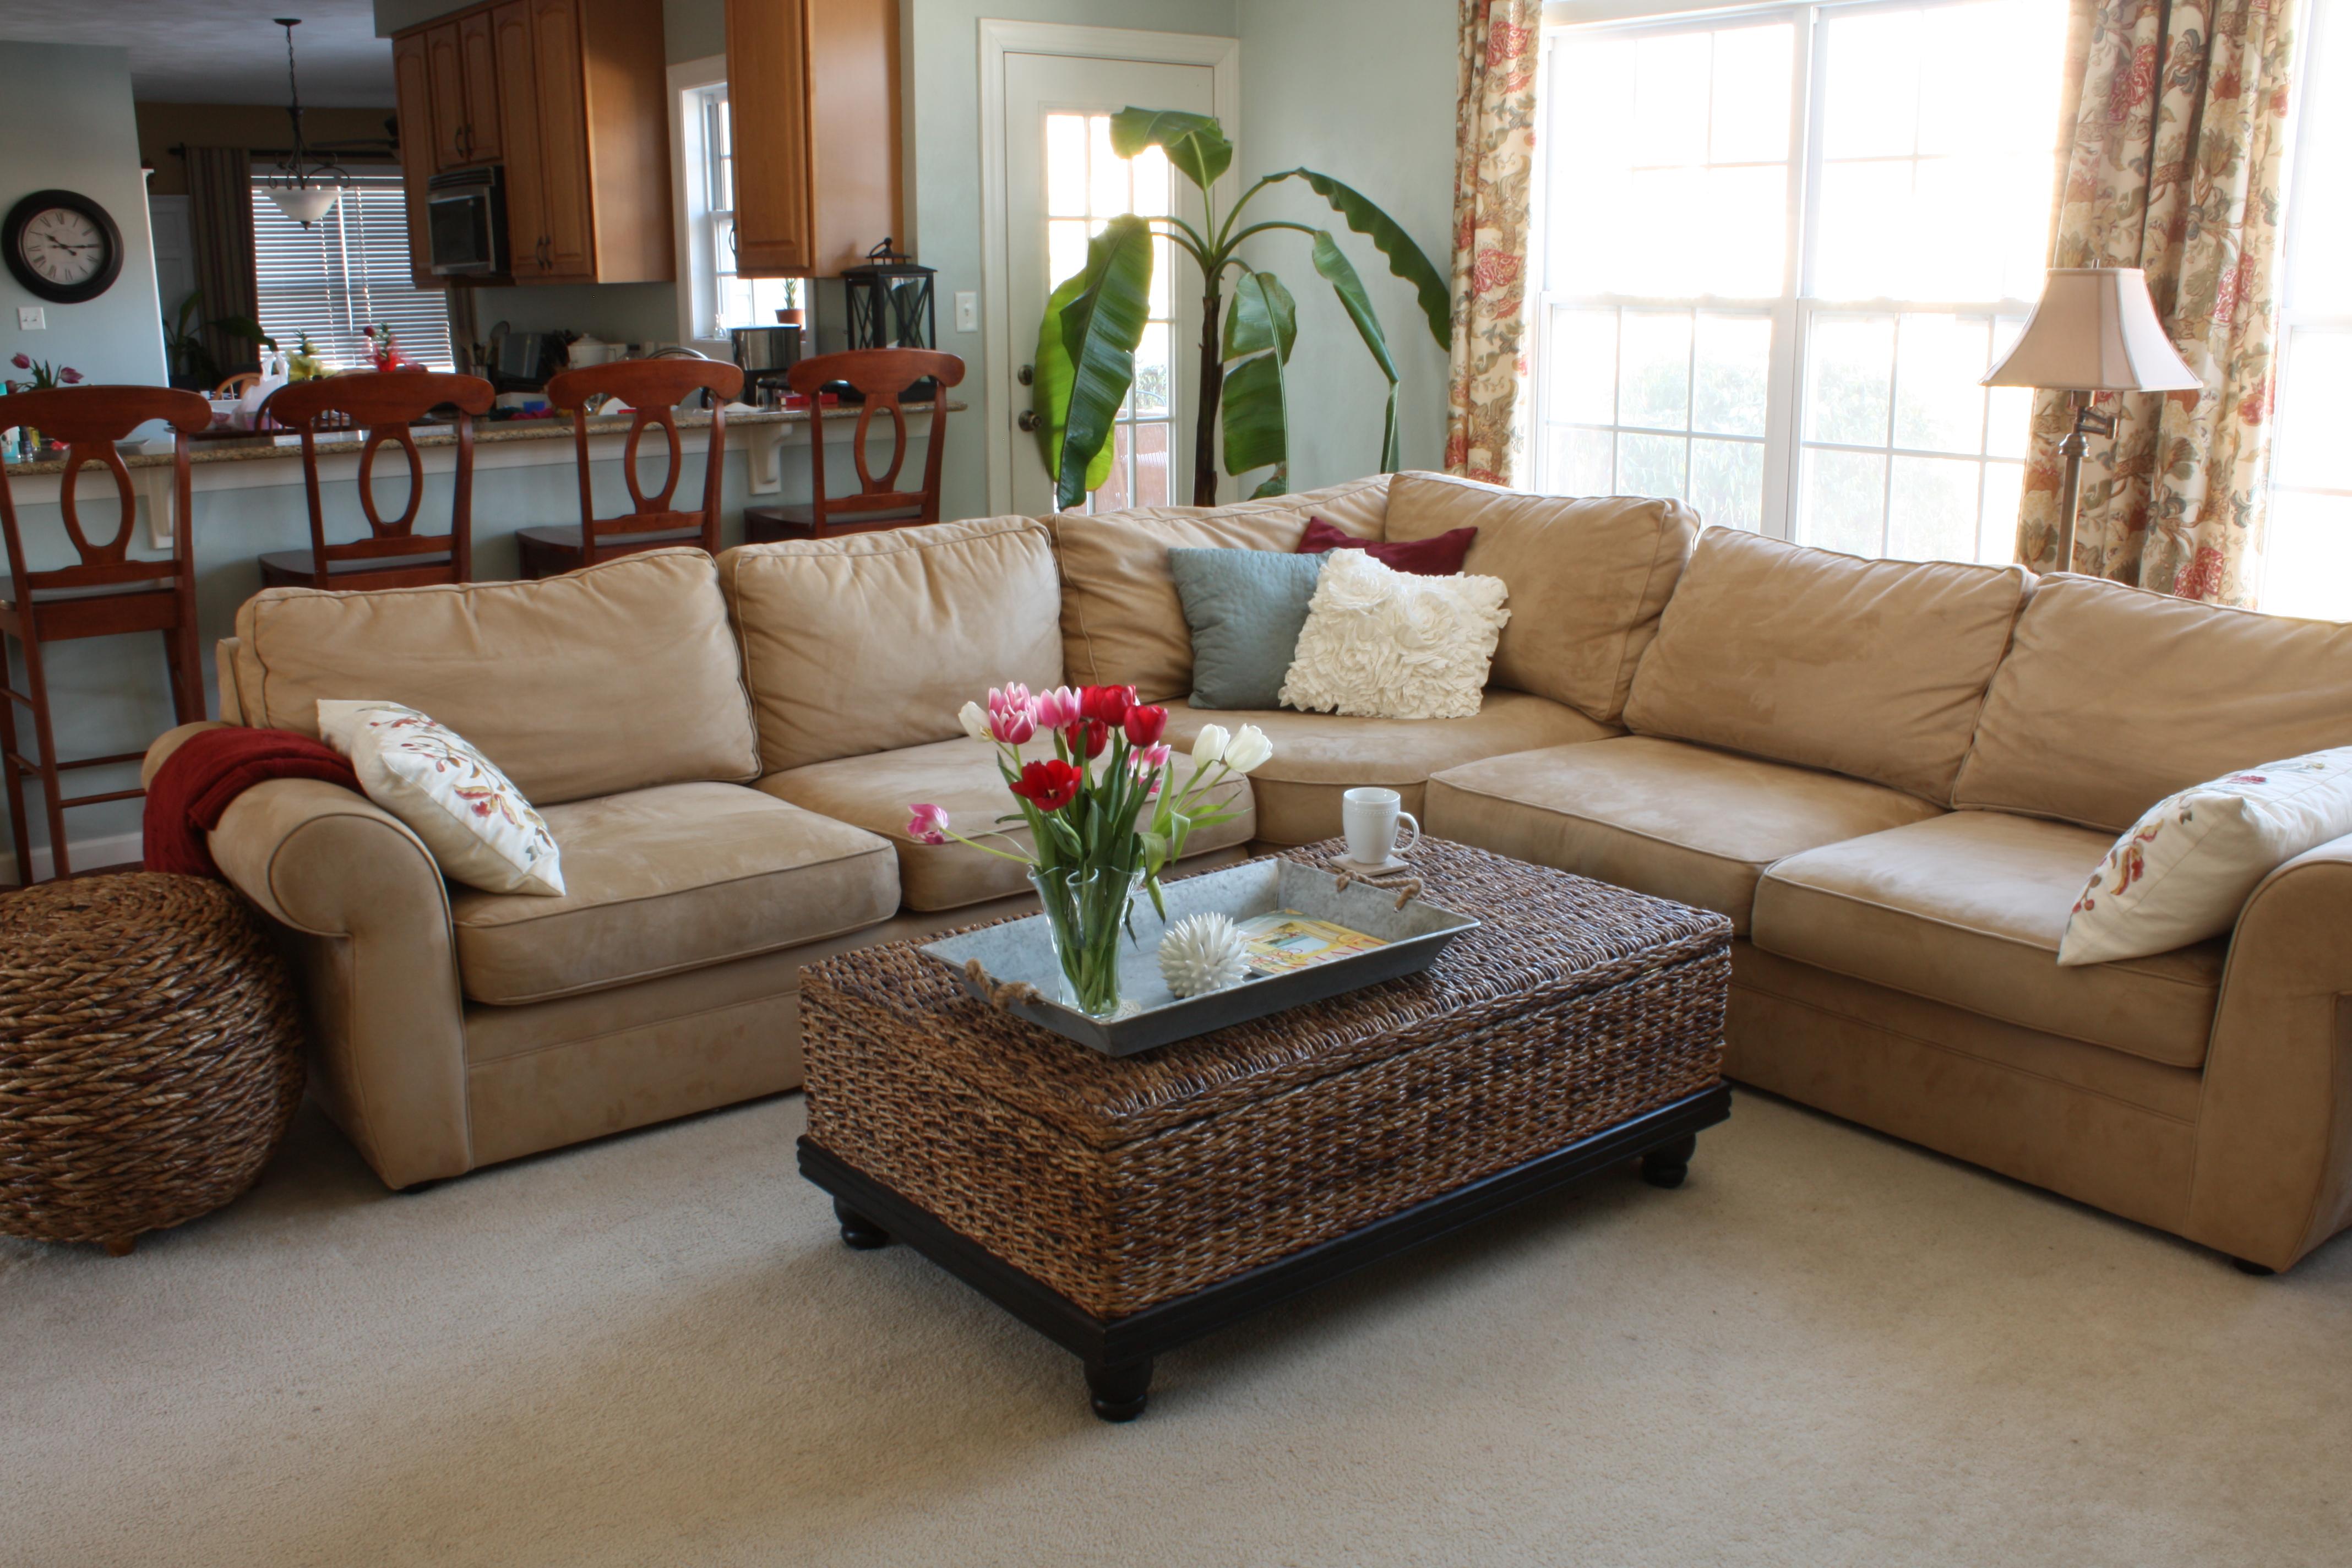 Better Homes & Gardens Family Room Refresh - Sand and Sisal